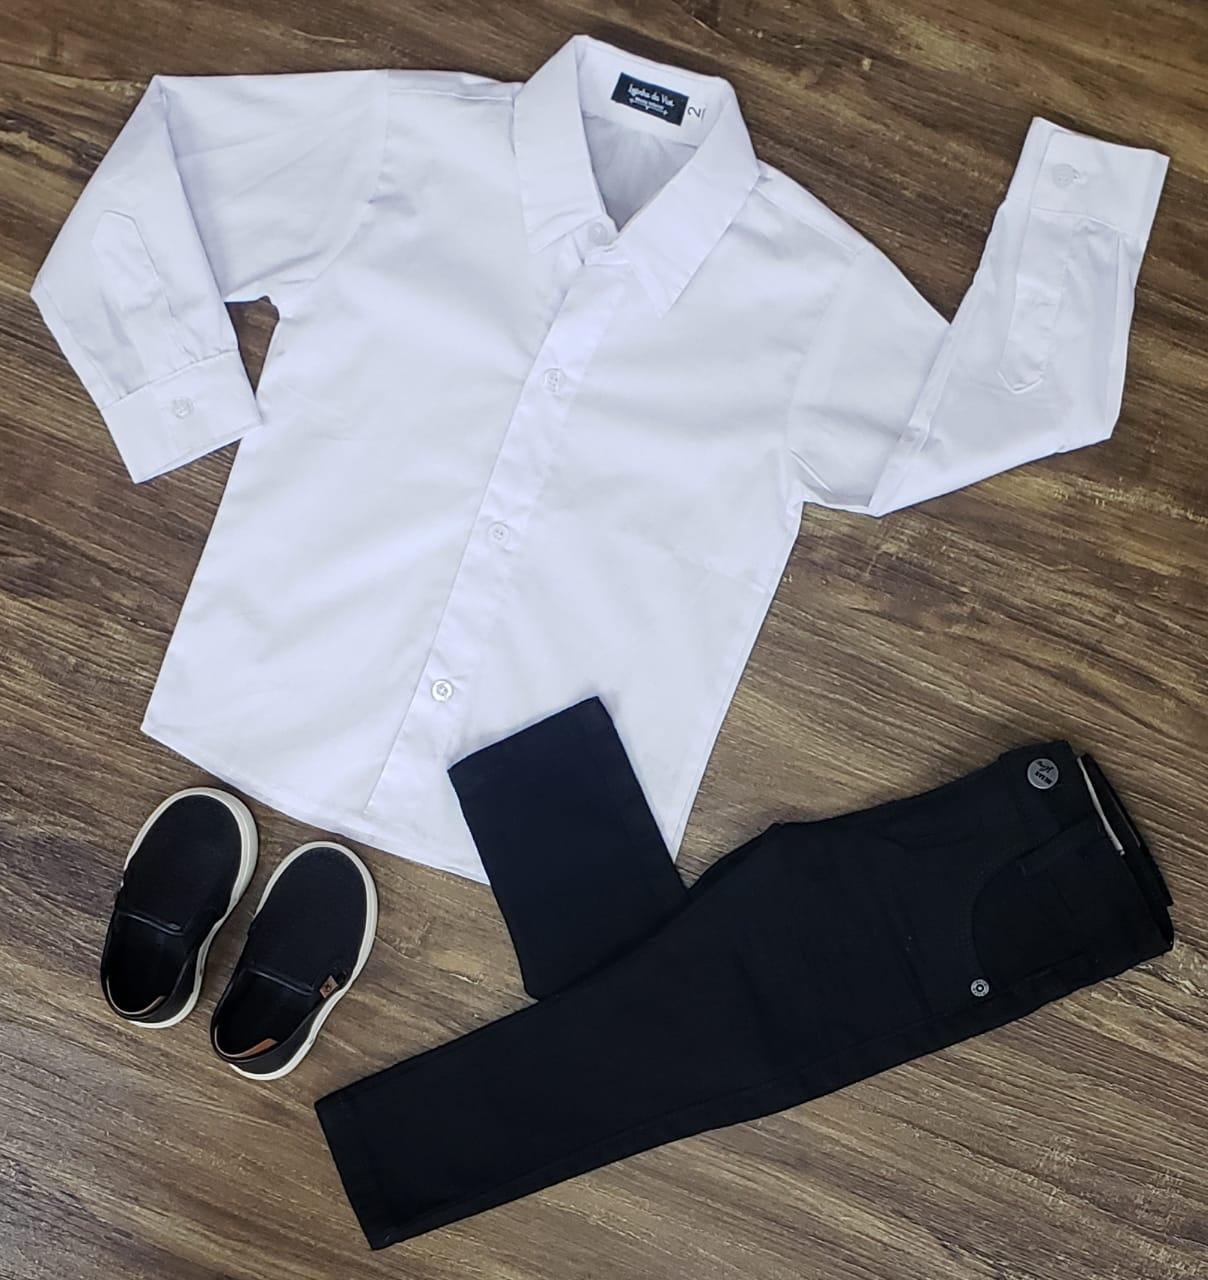 Calça Preta com Camisa Manga Longa Branca